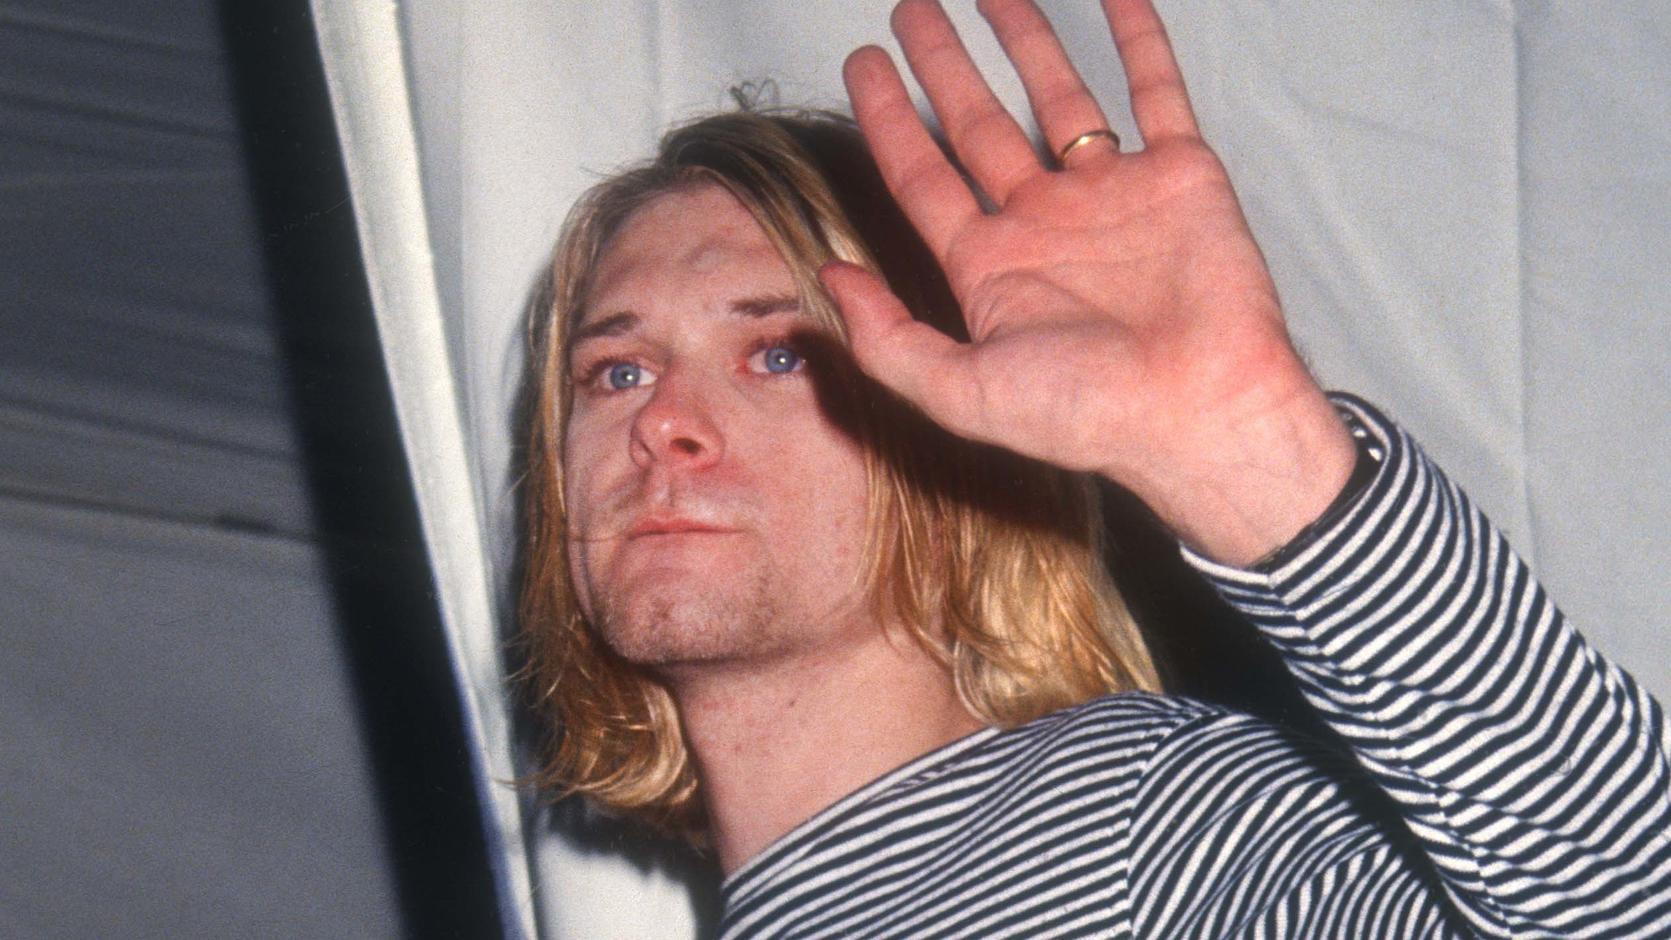 Eine Gitarre des früheren Nirvana-Frontmanns Kurt Cobain in ihrem Koffer. Das Instrument soll in Kalifornien versteigert werden. Foto: -/Julien's Auctions/dpa